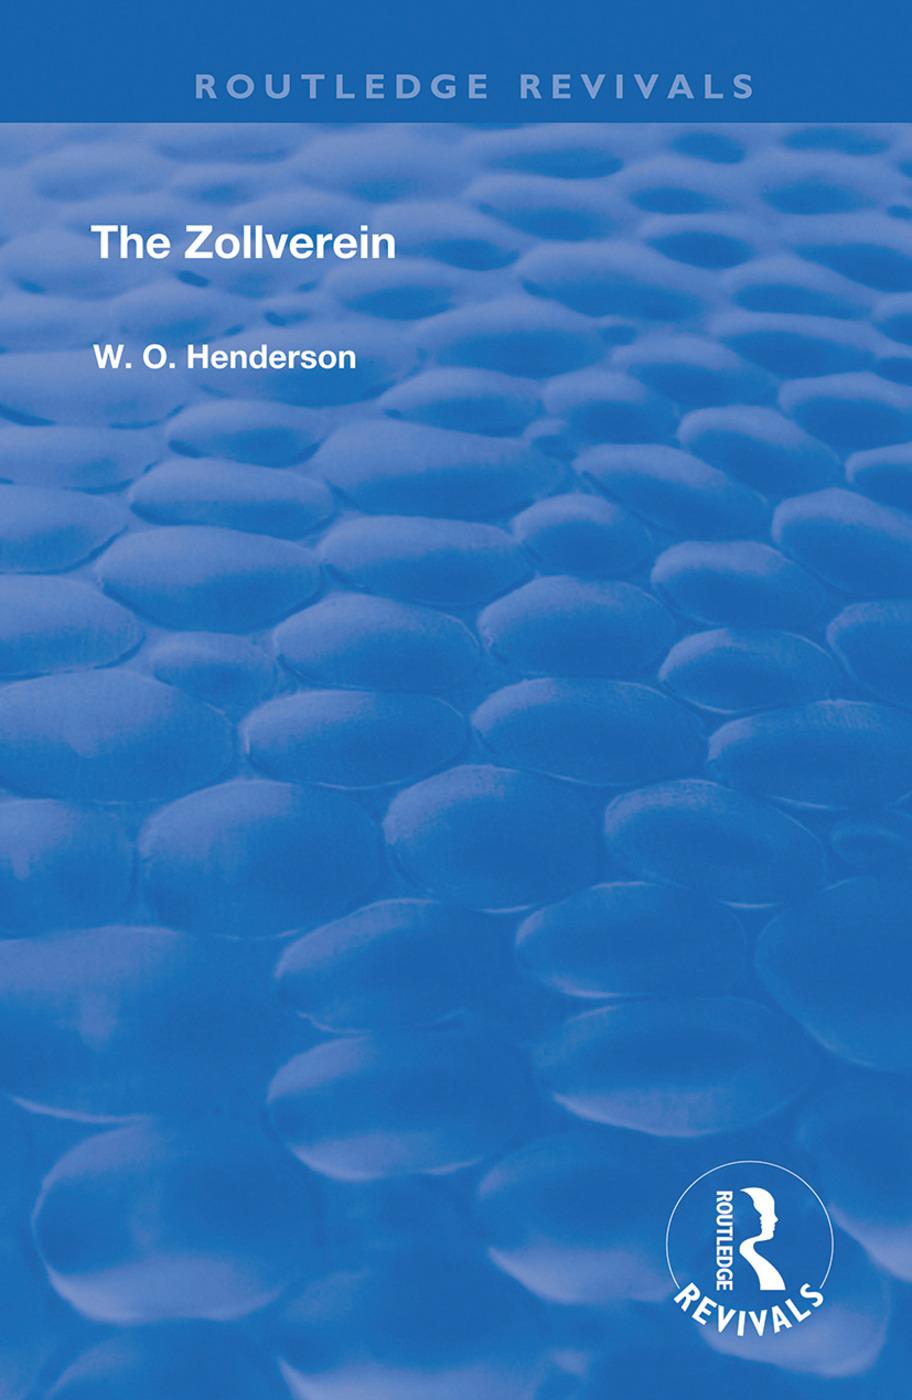 The Zollverein book cover